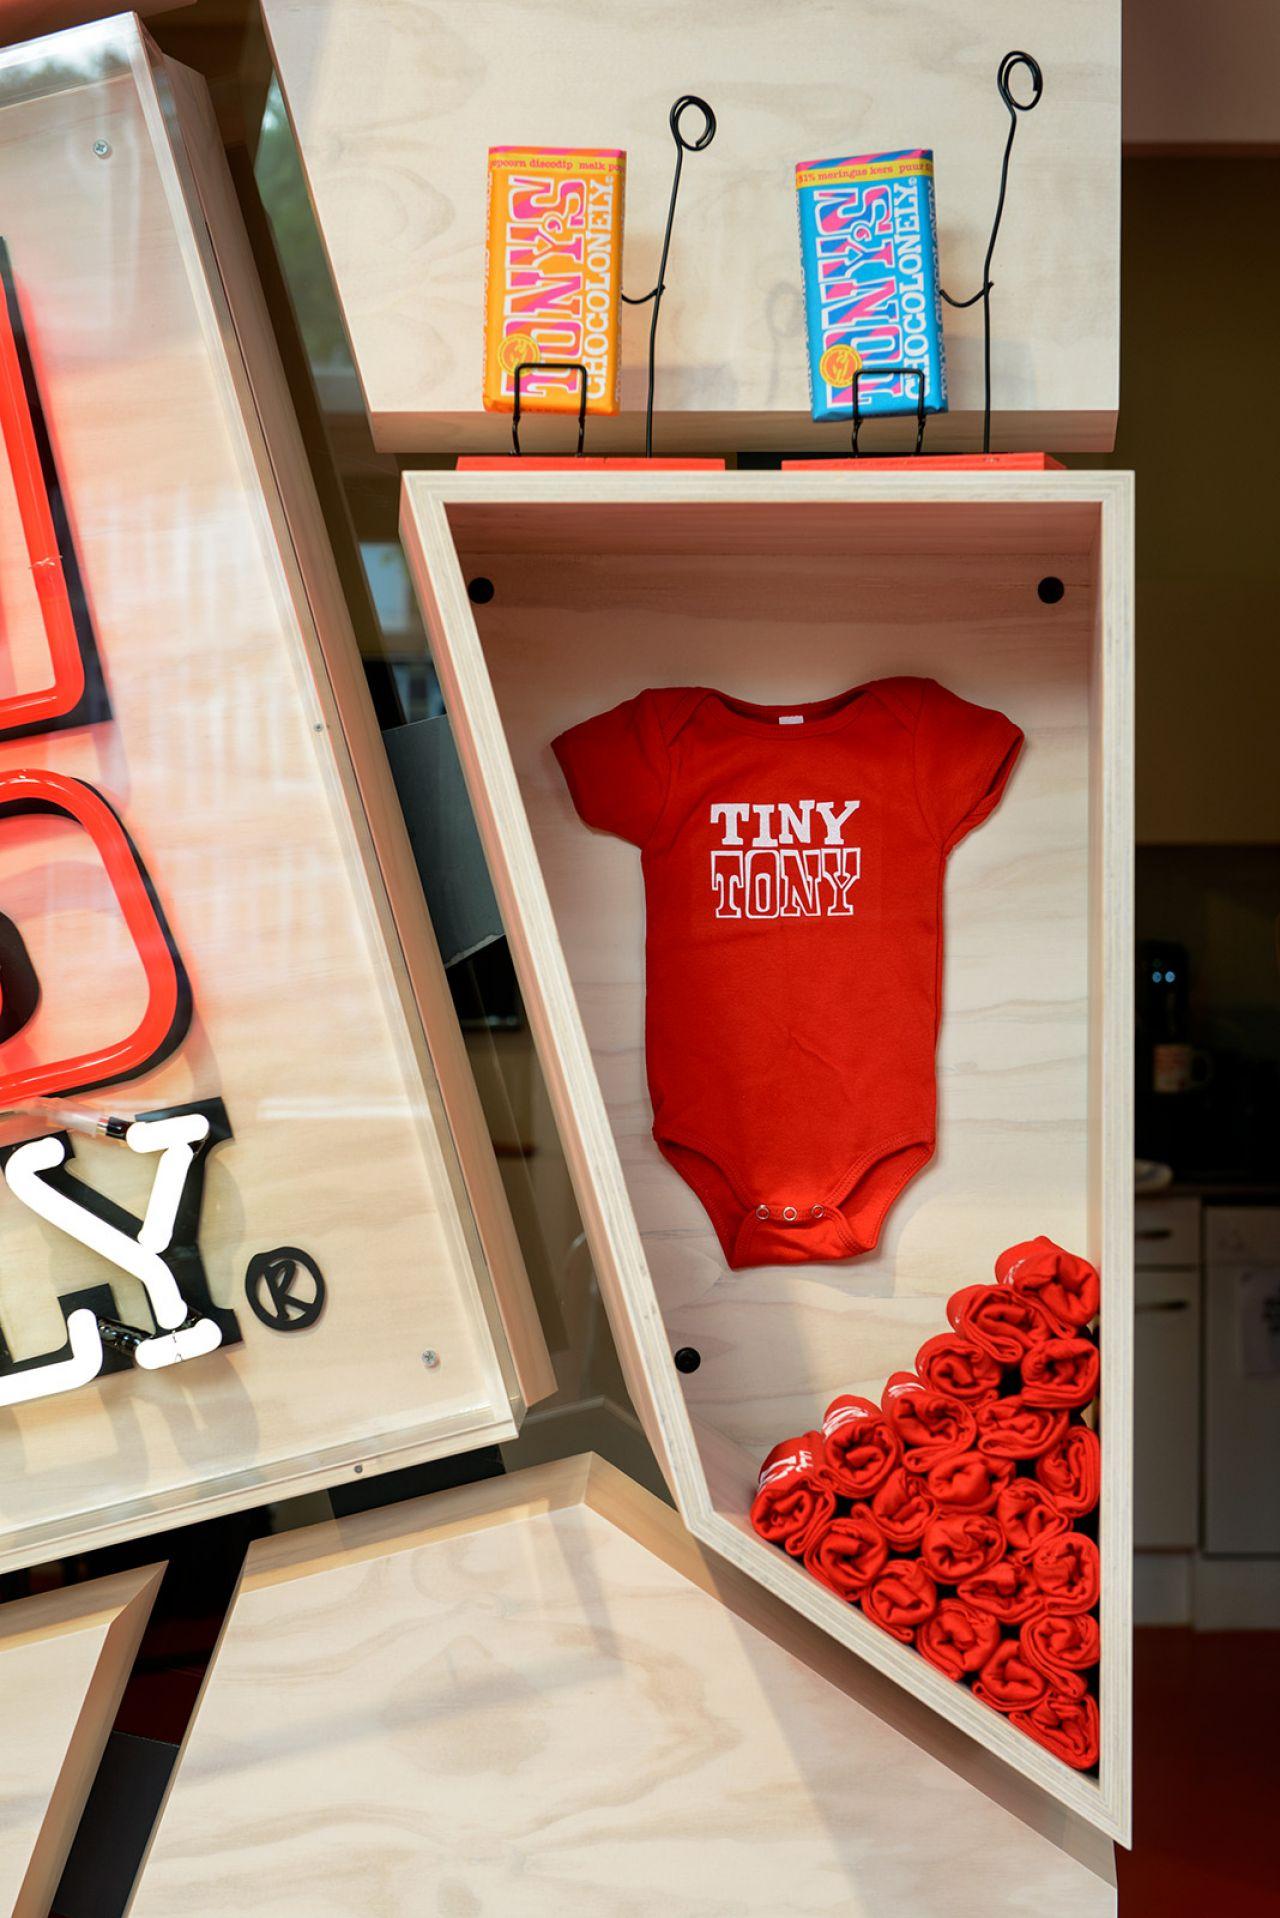 Tony's Store - Tony's Chocolonely